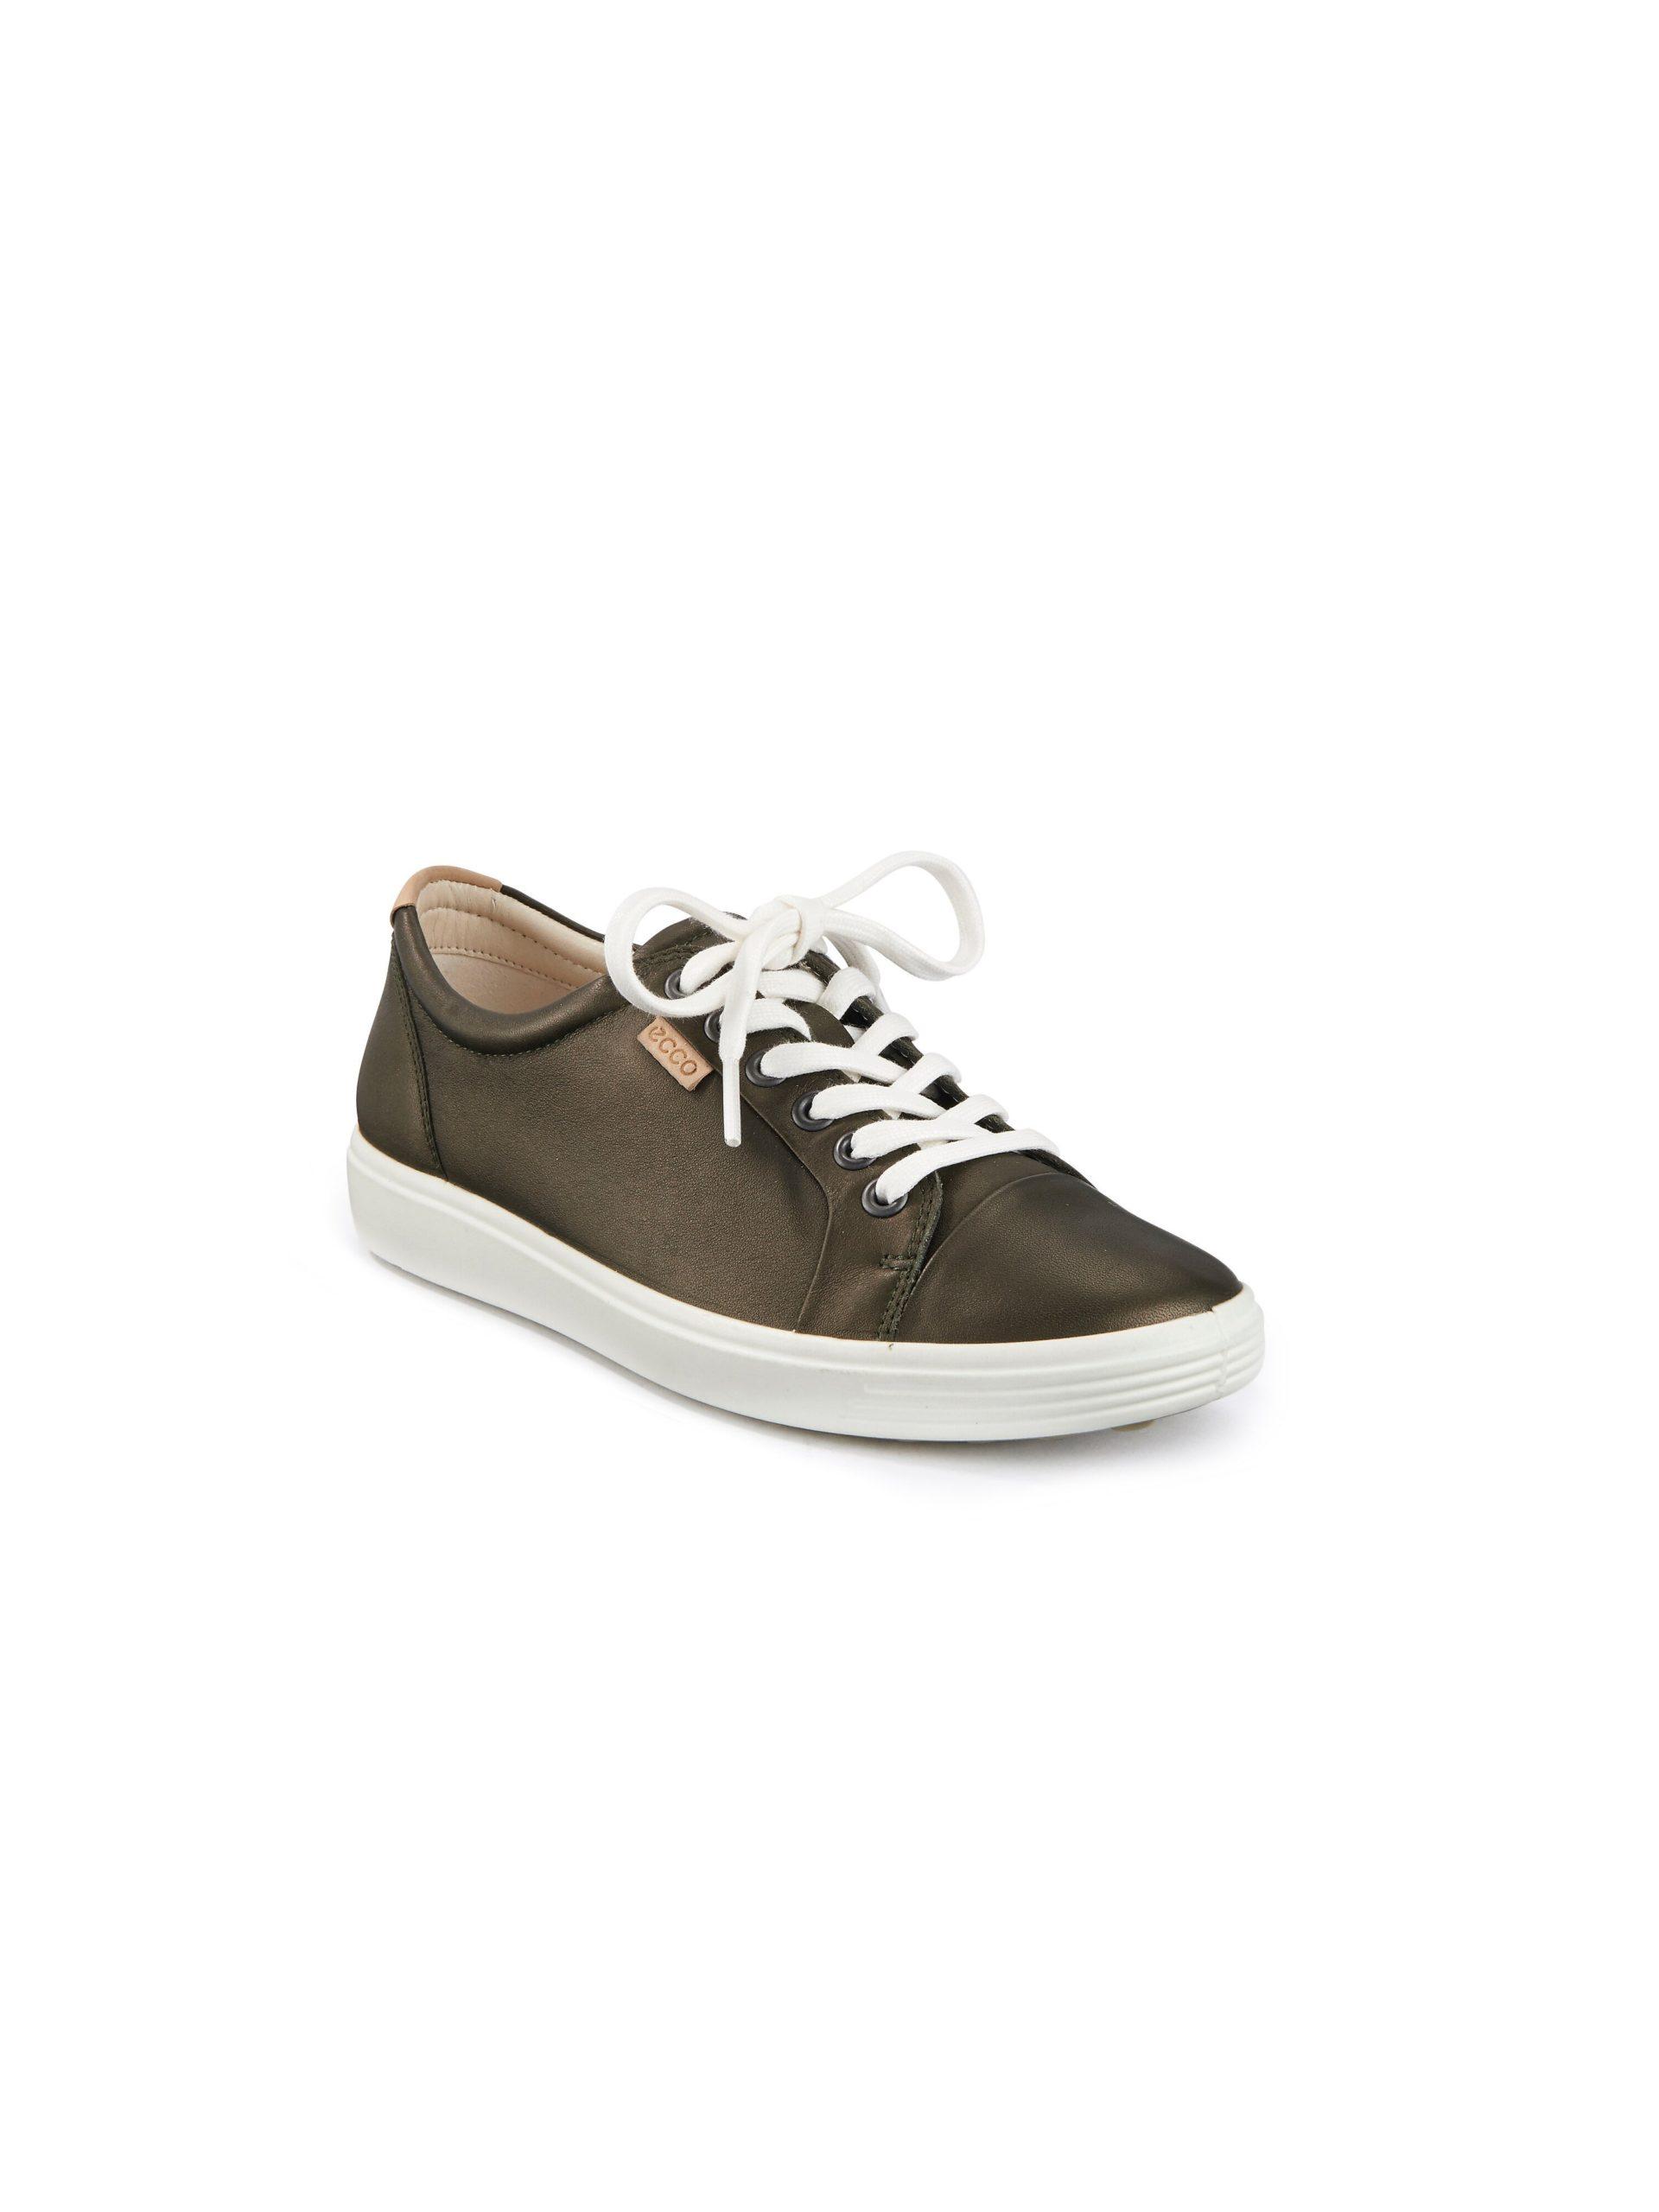 Sneakers model Soft 7 Van Ecco groen Kopen